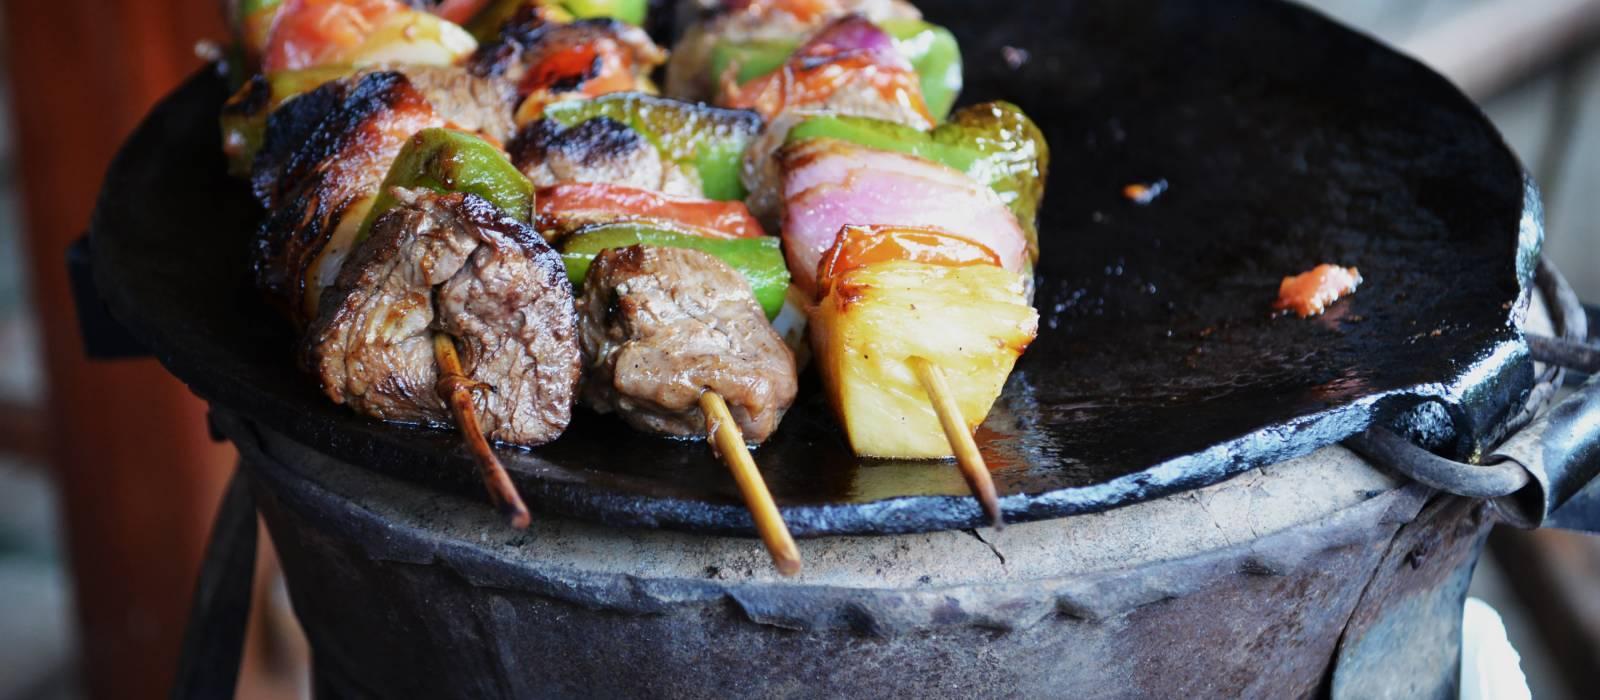 Leckeres Grillgericht in einem traditionellen kenianischen Restaurant